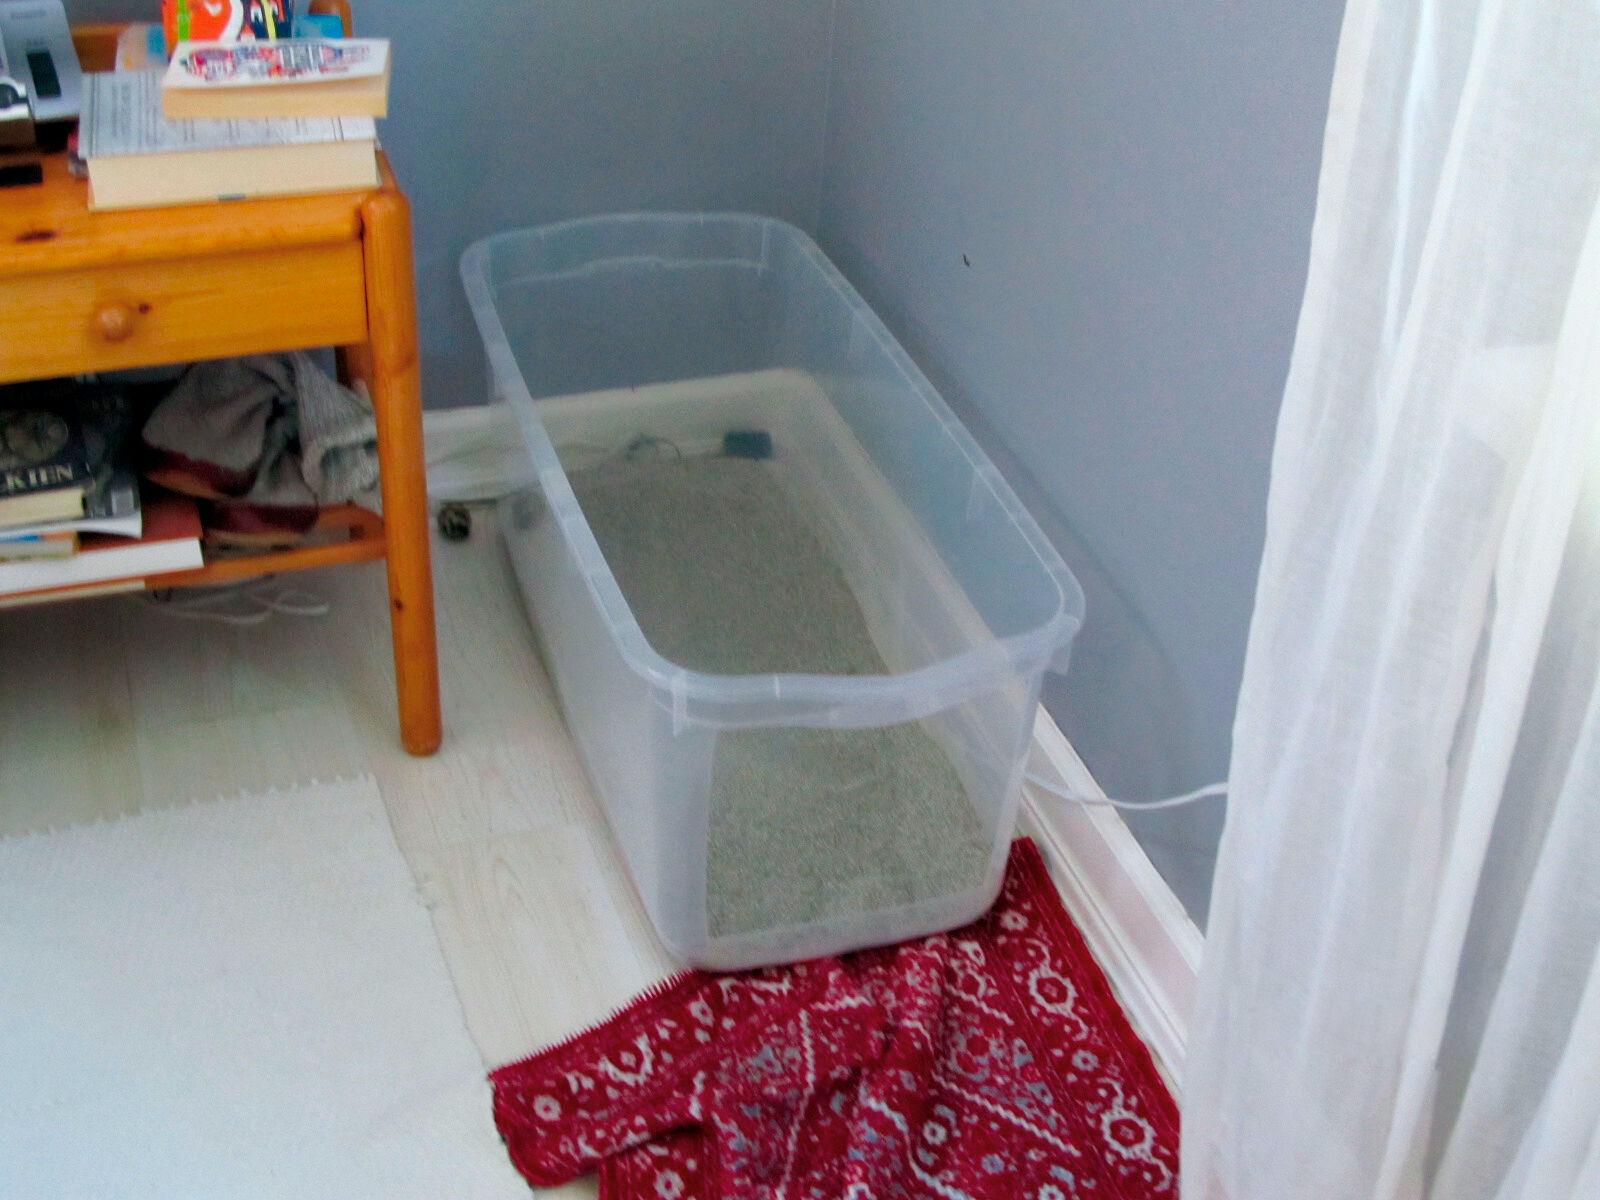 Abbildung 4. Katzentoiletten müssen in der gesamten Wohnung verteilt aufgestellt werden und sollten ausreichend groß und sauber sein. Katzen haben unterschiedliche Präferenzen bezüglich Art und Tiefe der Katzenstreu, sandartige Substrate oder feine Tongranulate werden jedoch von den meisten Katzen gern angenommen.